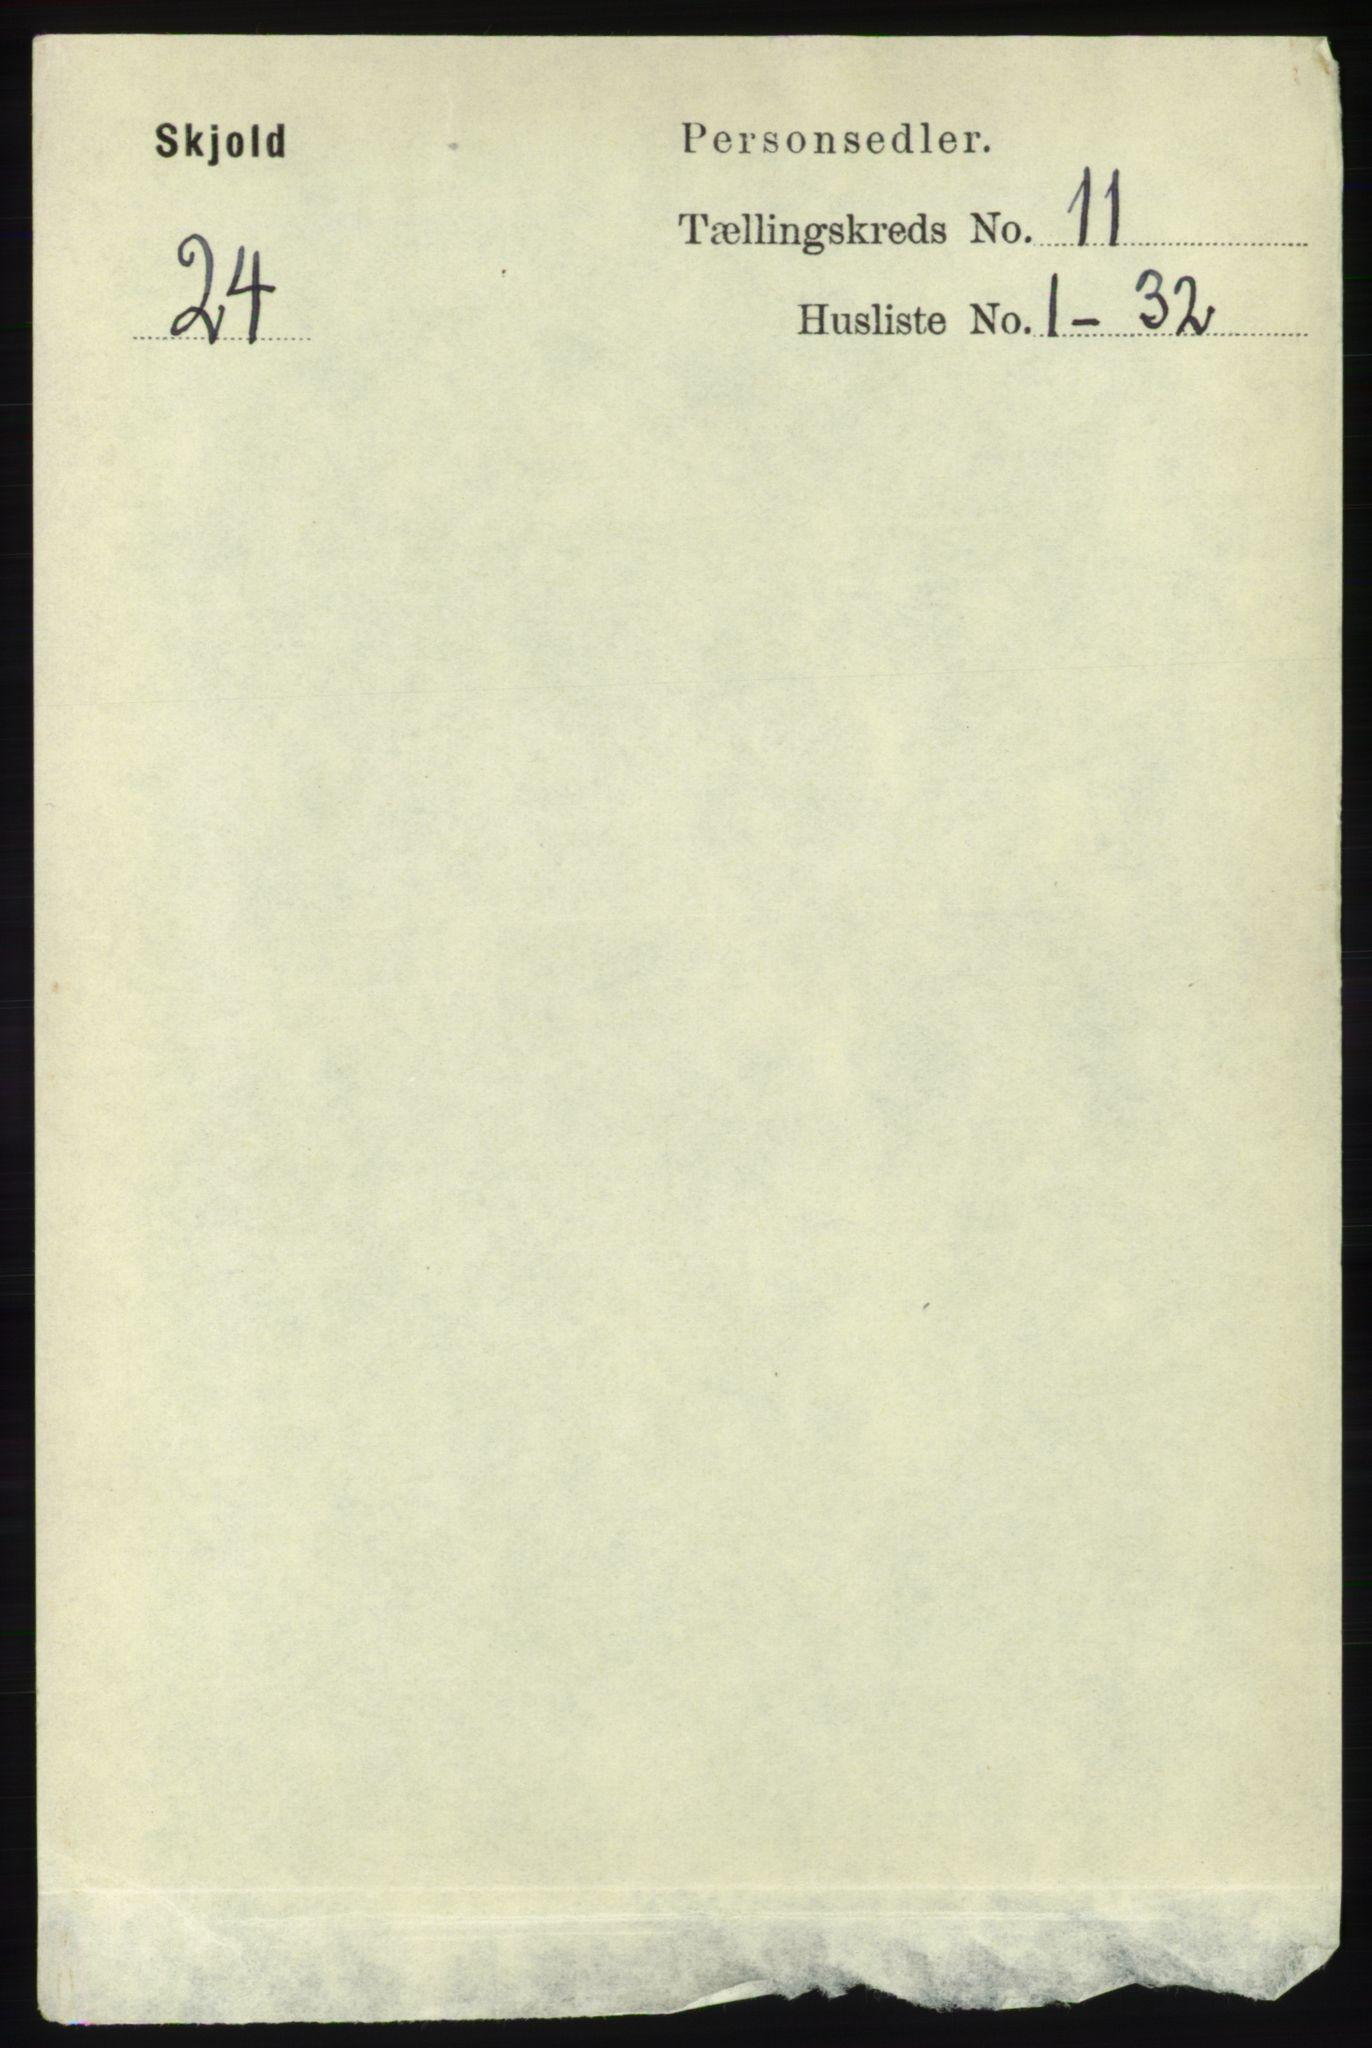 RA, Folketelling 1891 for 1154 Skjold herred, 1891, s. 2069